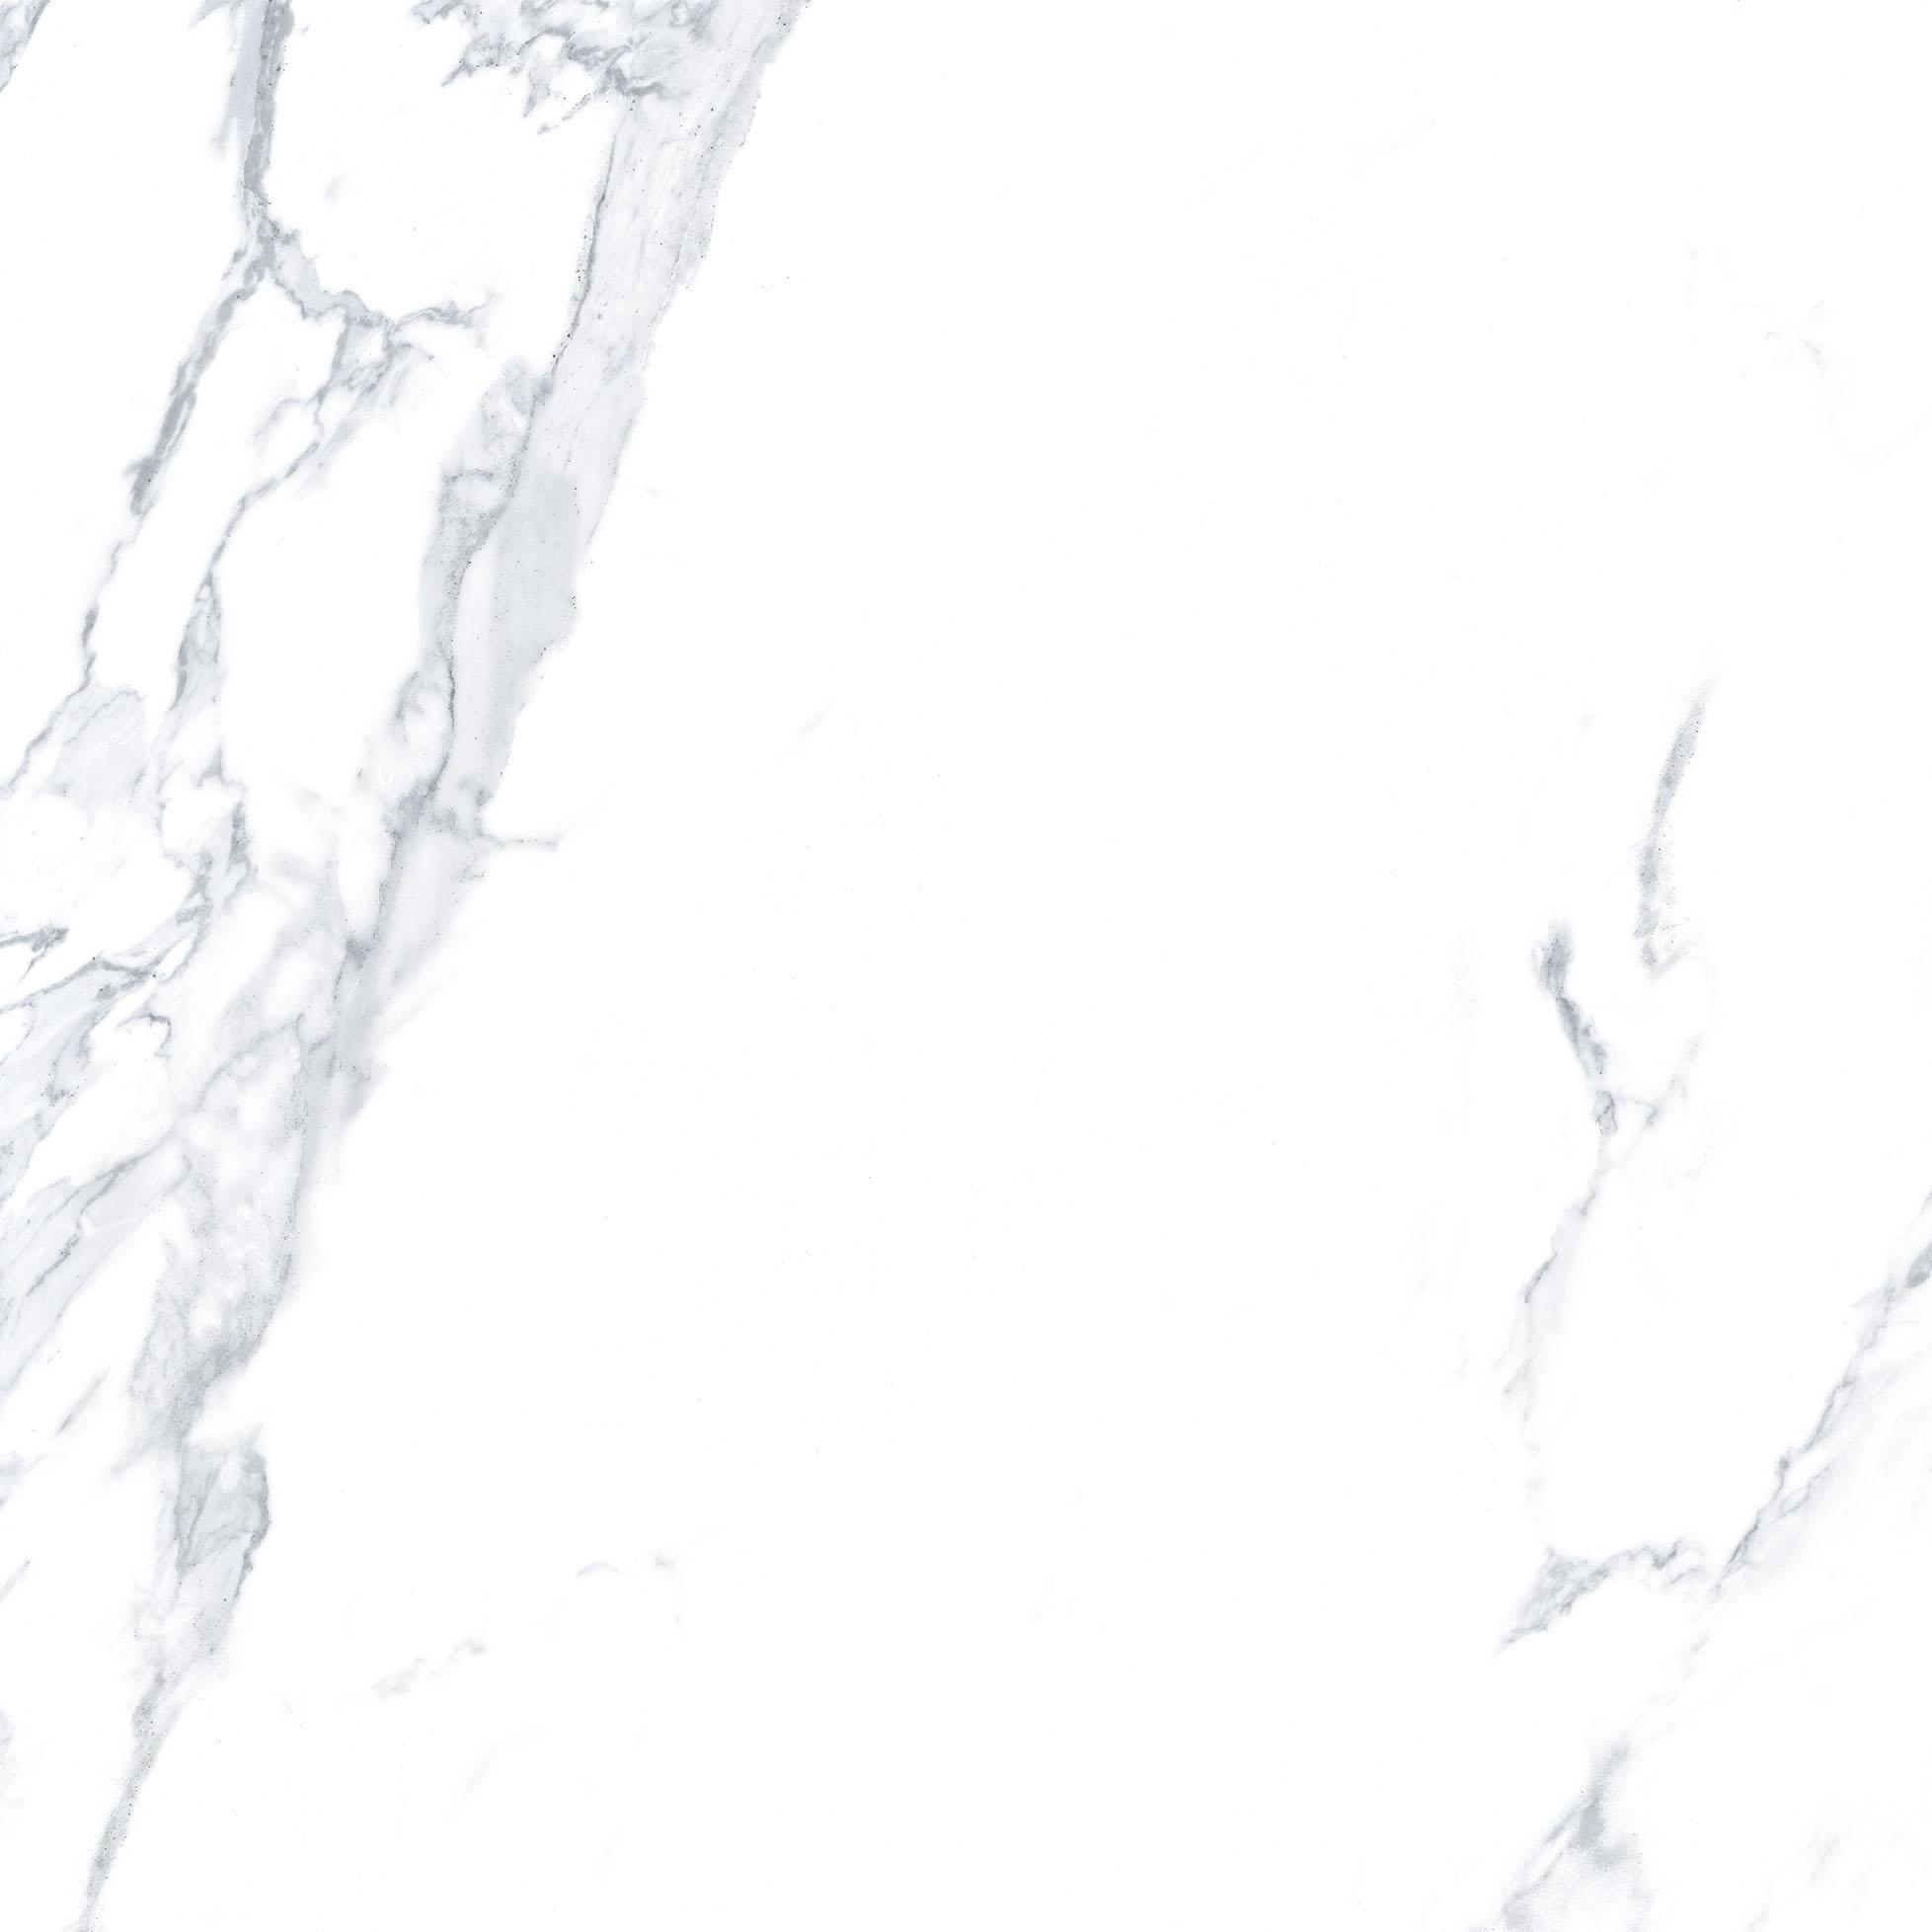 0097500, Archimarble, Valkoinen, lattia,pakkasenkesto